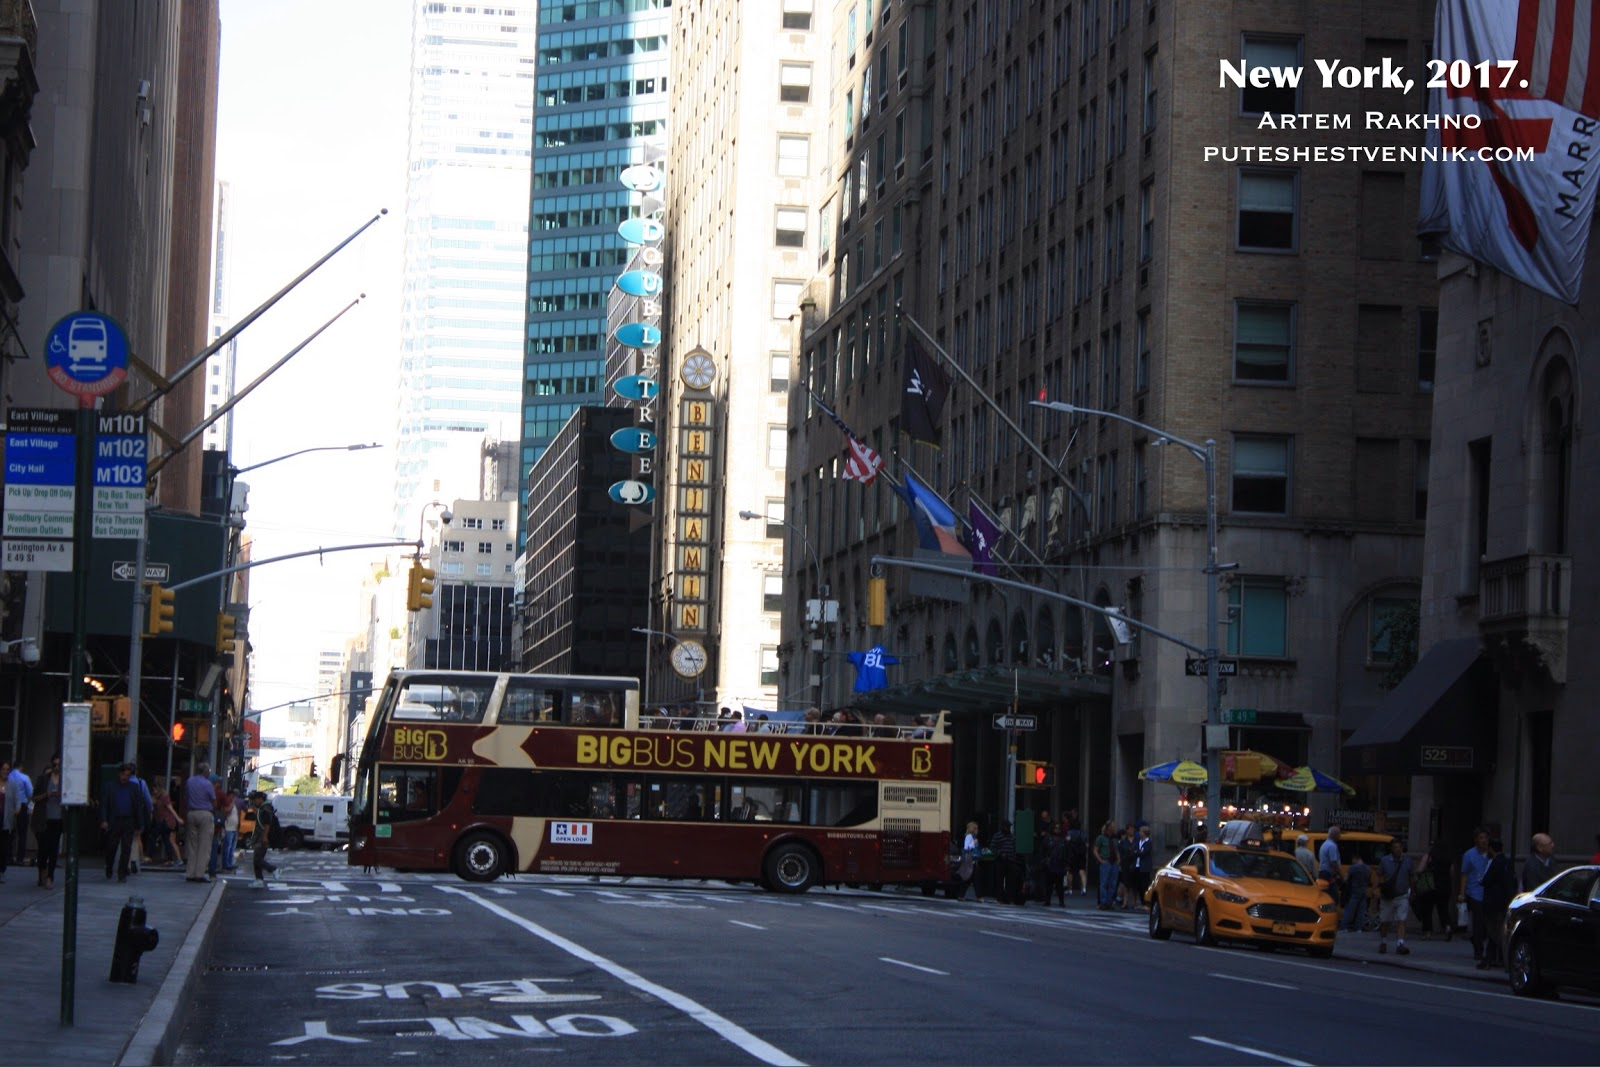 Экскурсионный автобус в Нью-Йорке